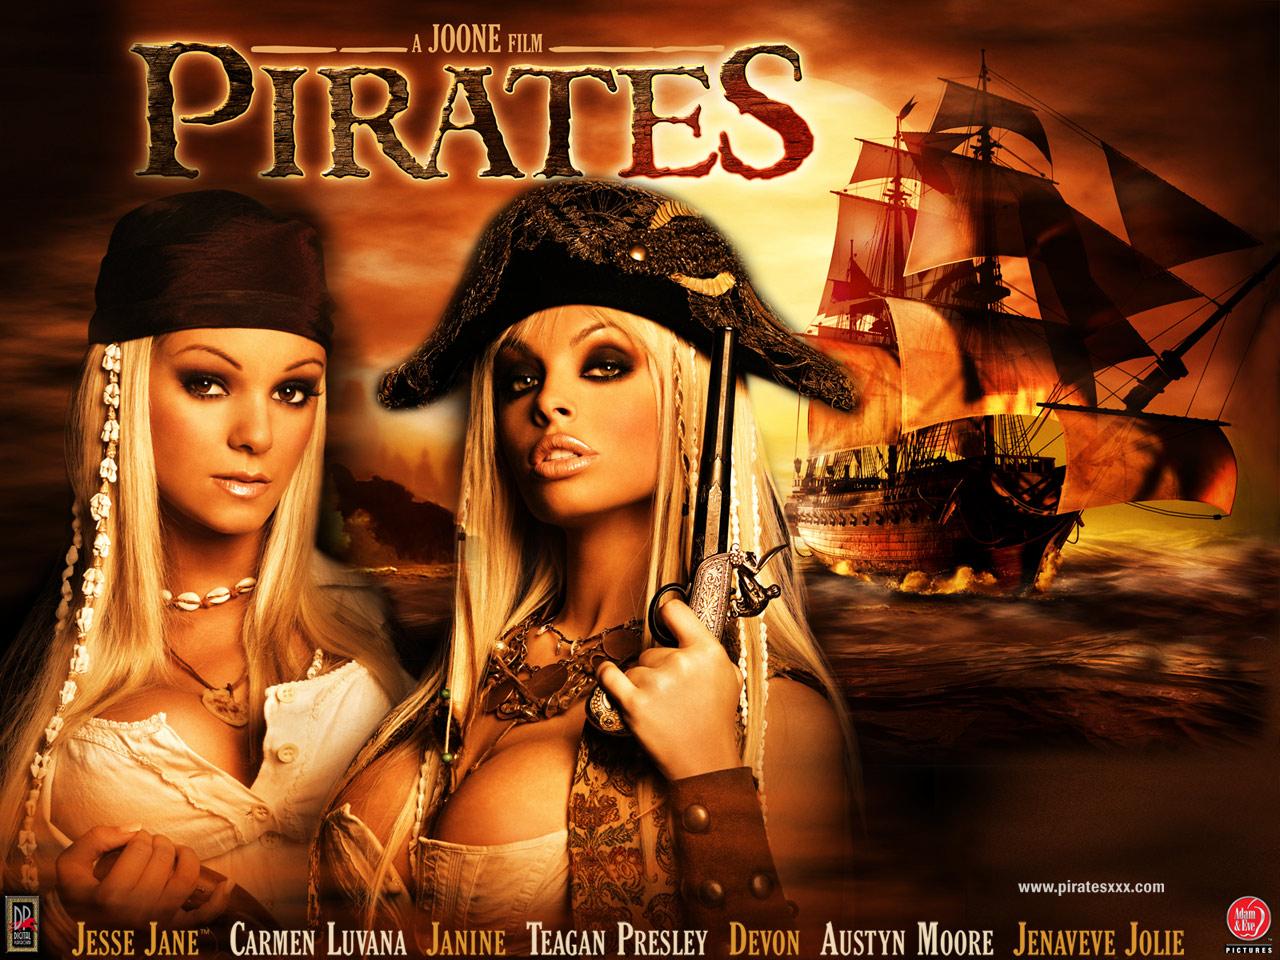 Эротика пираты онлайн, Пираты Pirates Смотреть порно фильм онлайн 2 фотография